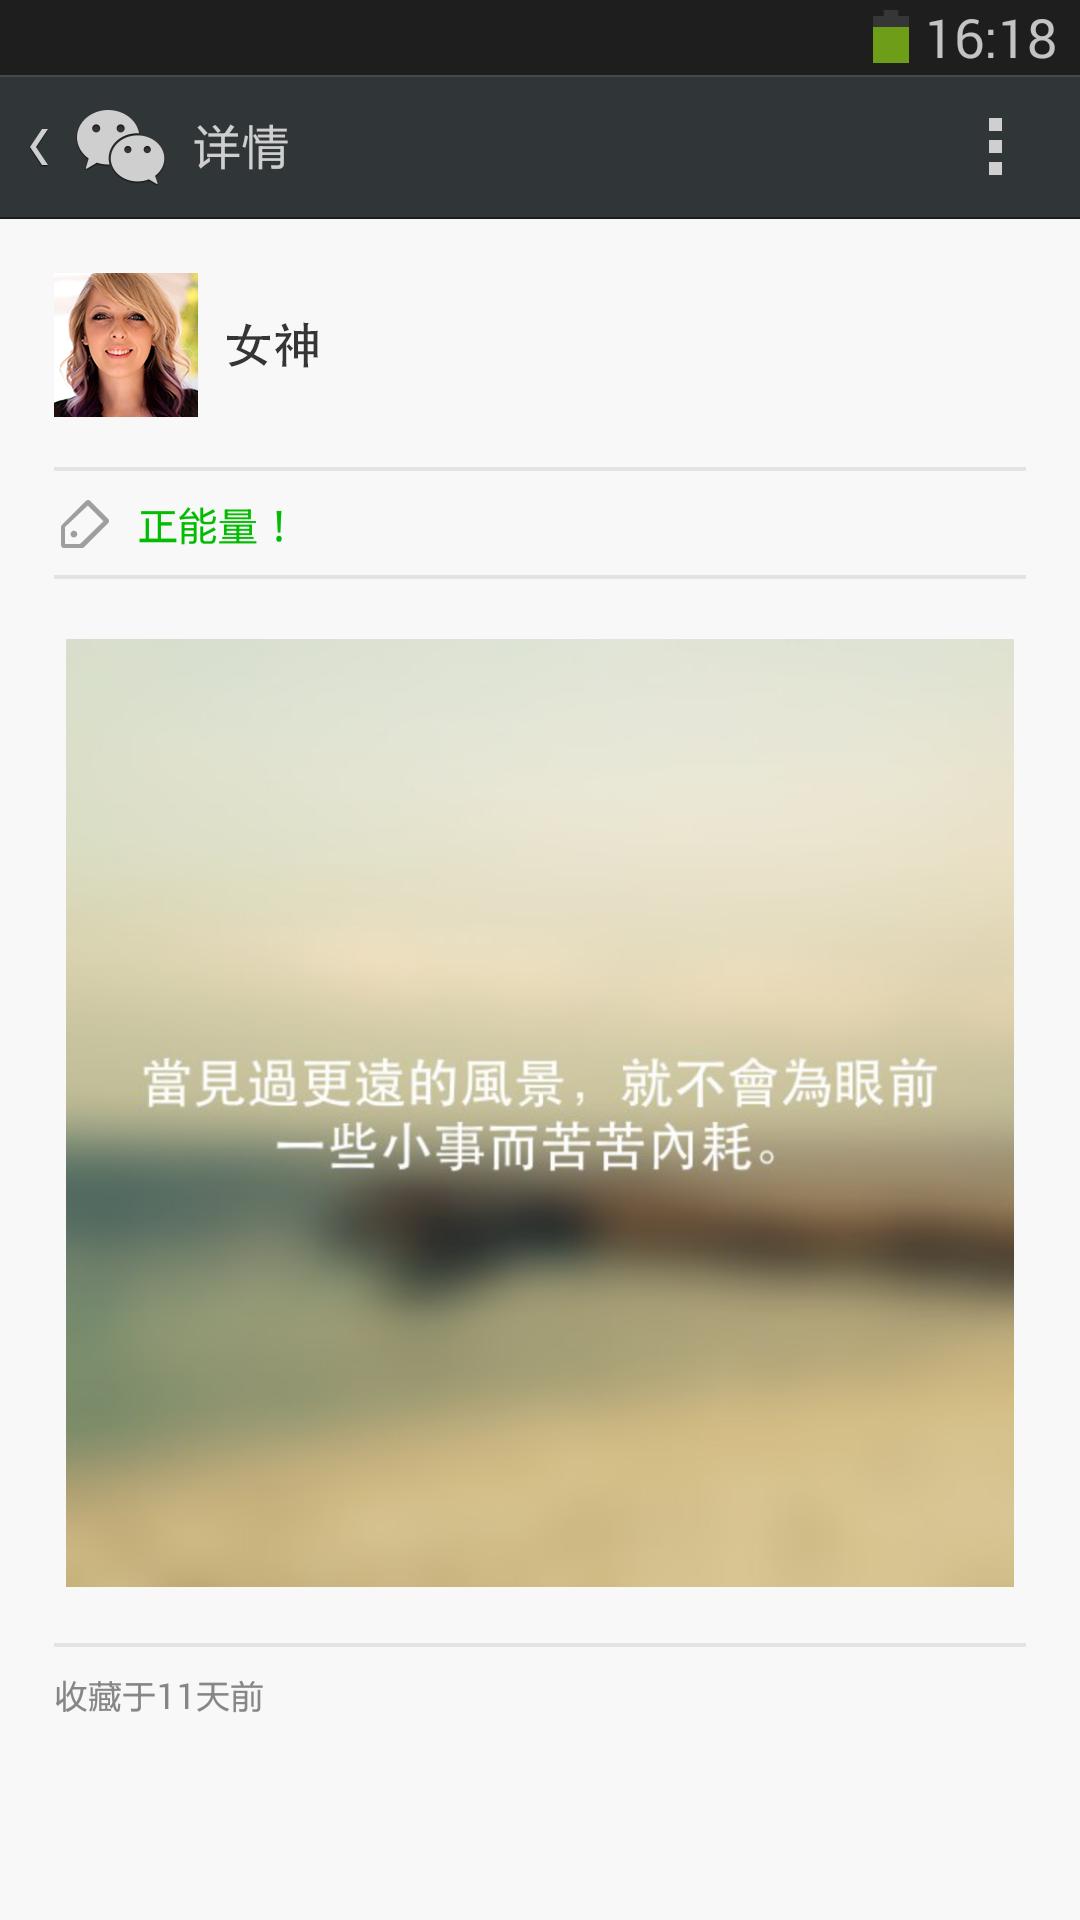 微信 5.3安卓版下载更新